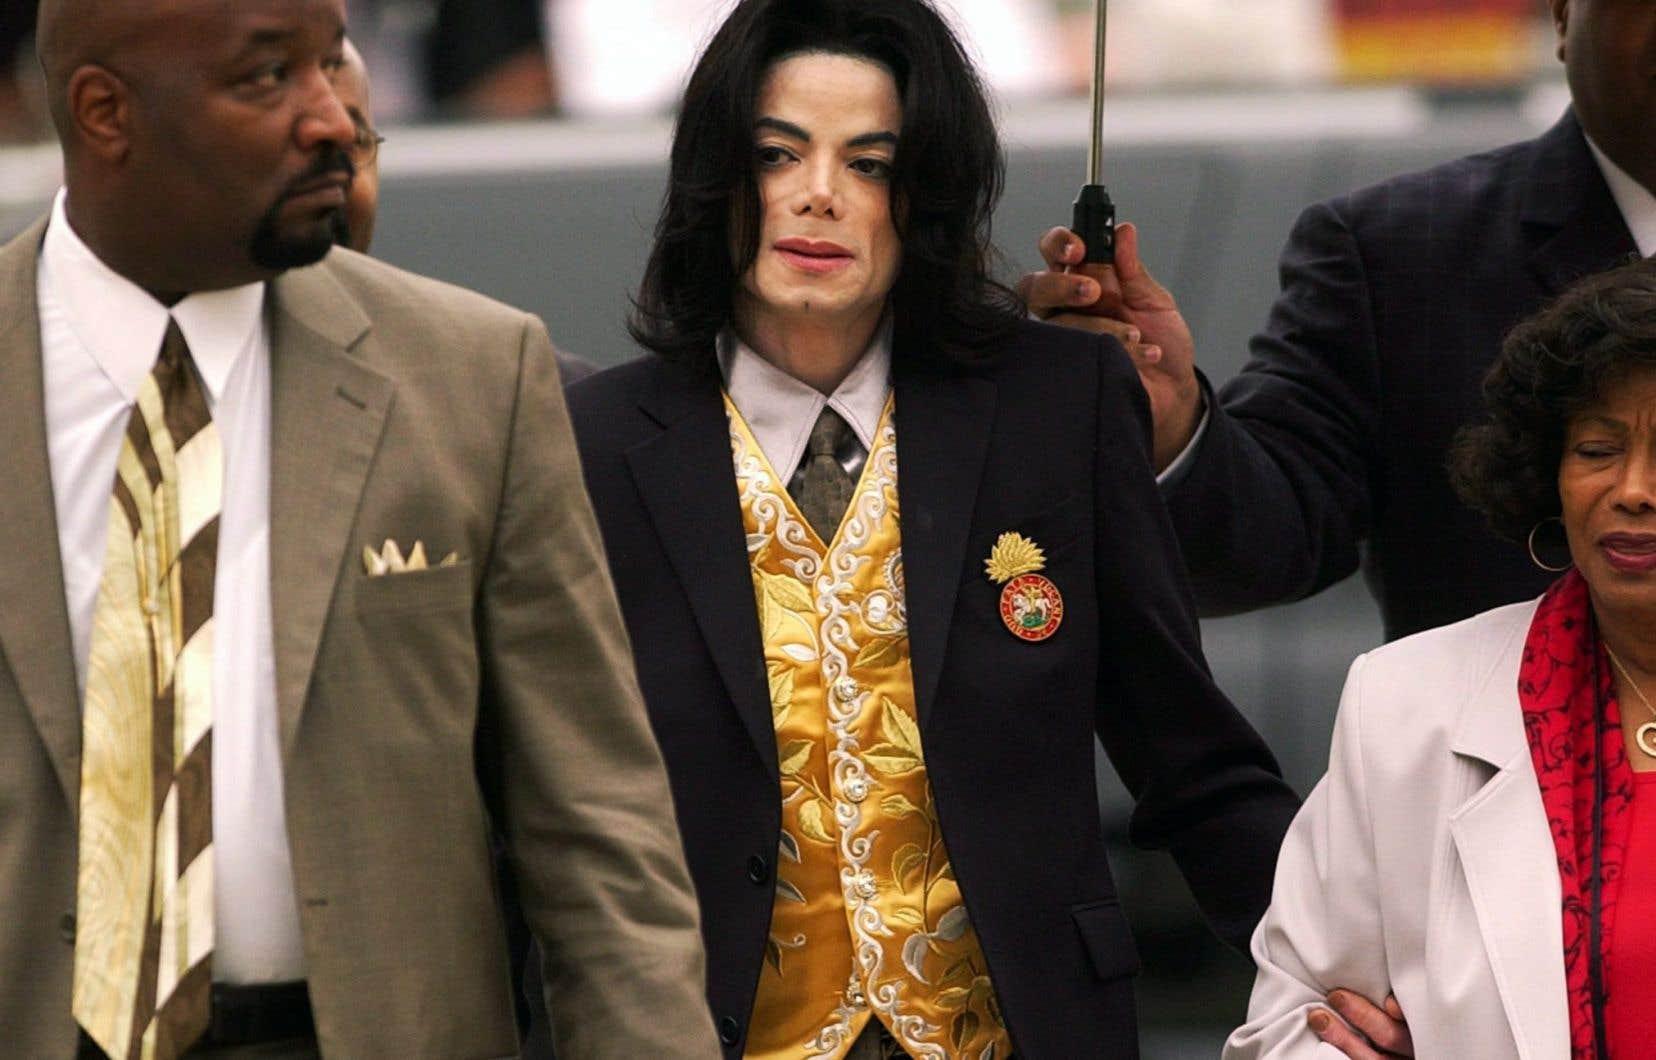 «Michael a été victime d'accusations fausses presque toute sa vie, venant de vautours avides d'argent ou de gloire. Il n'y a rien de changé», a notamment écrit sur Twitter la musicienne Arika Kane.